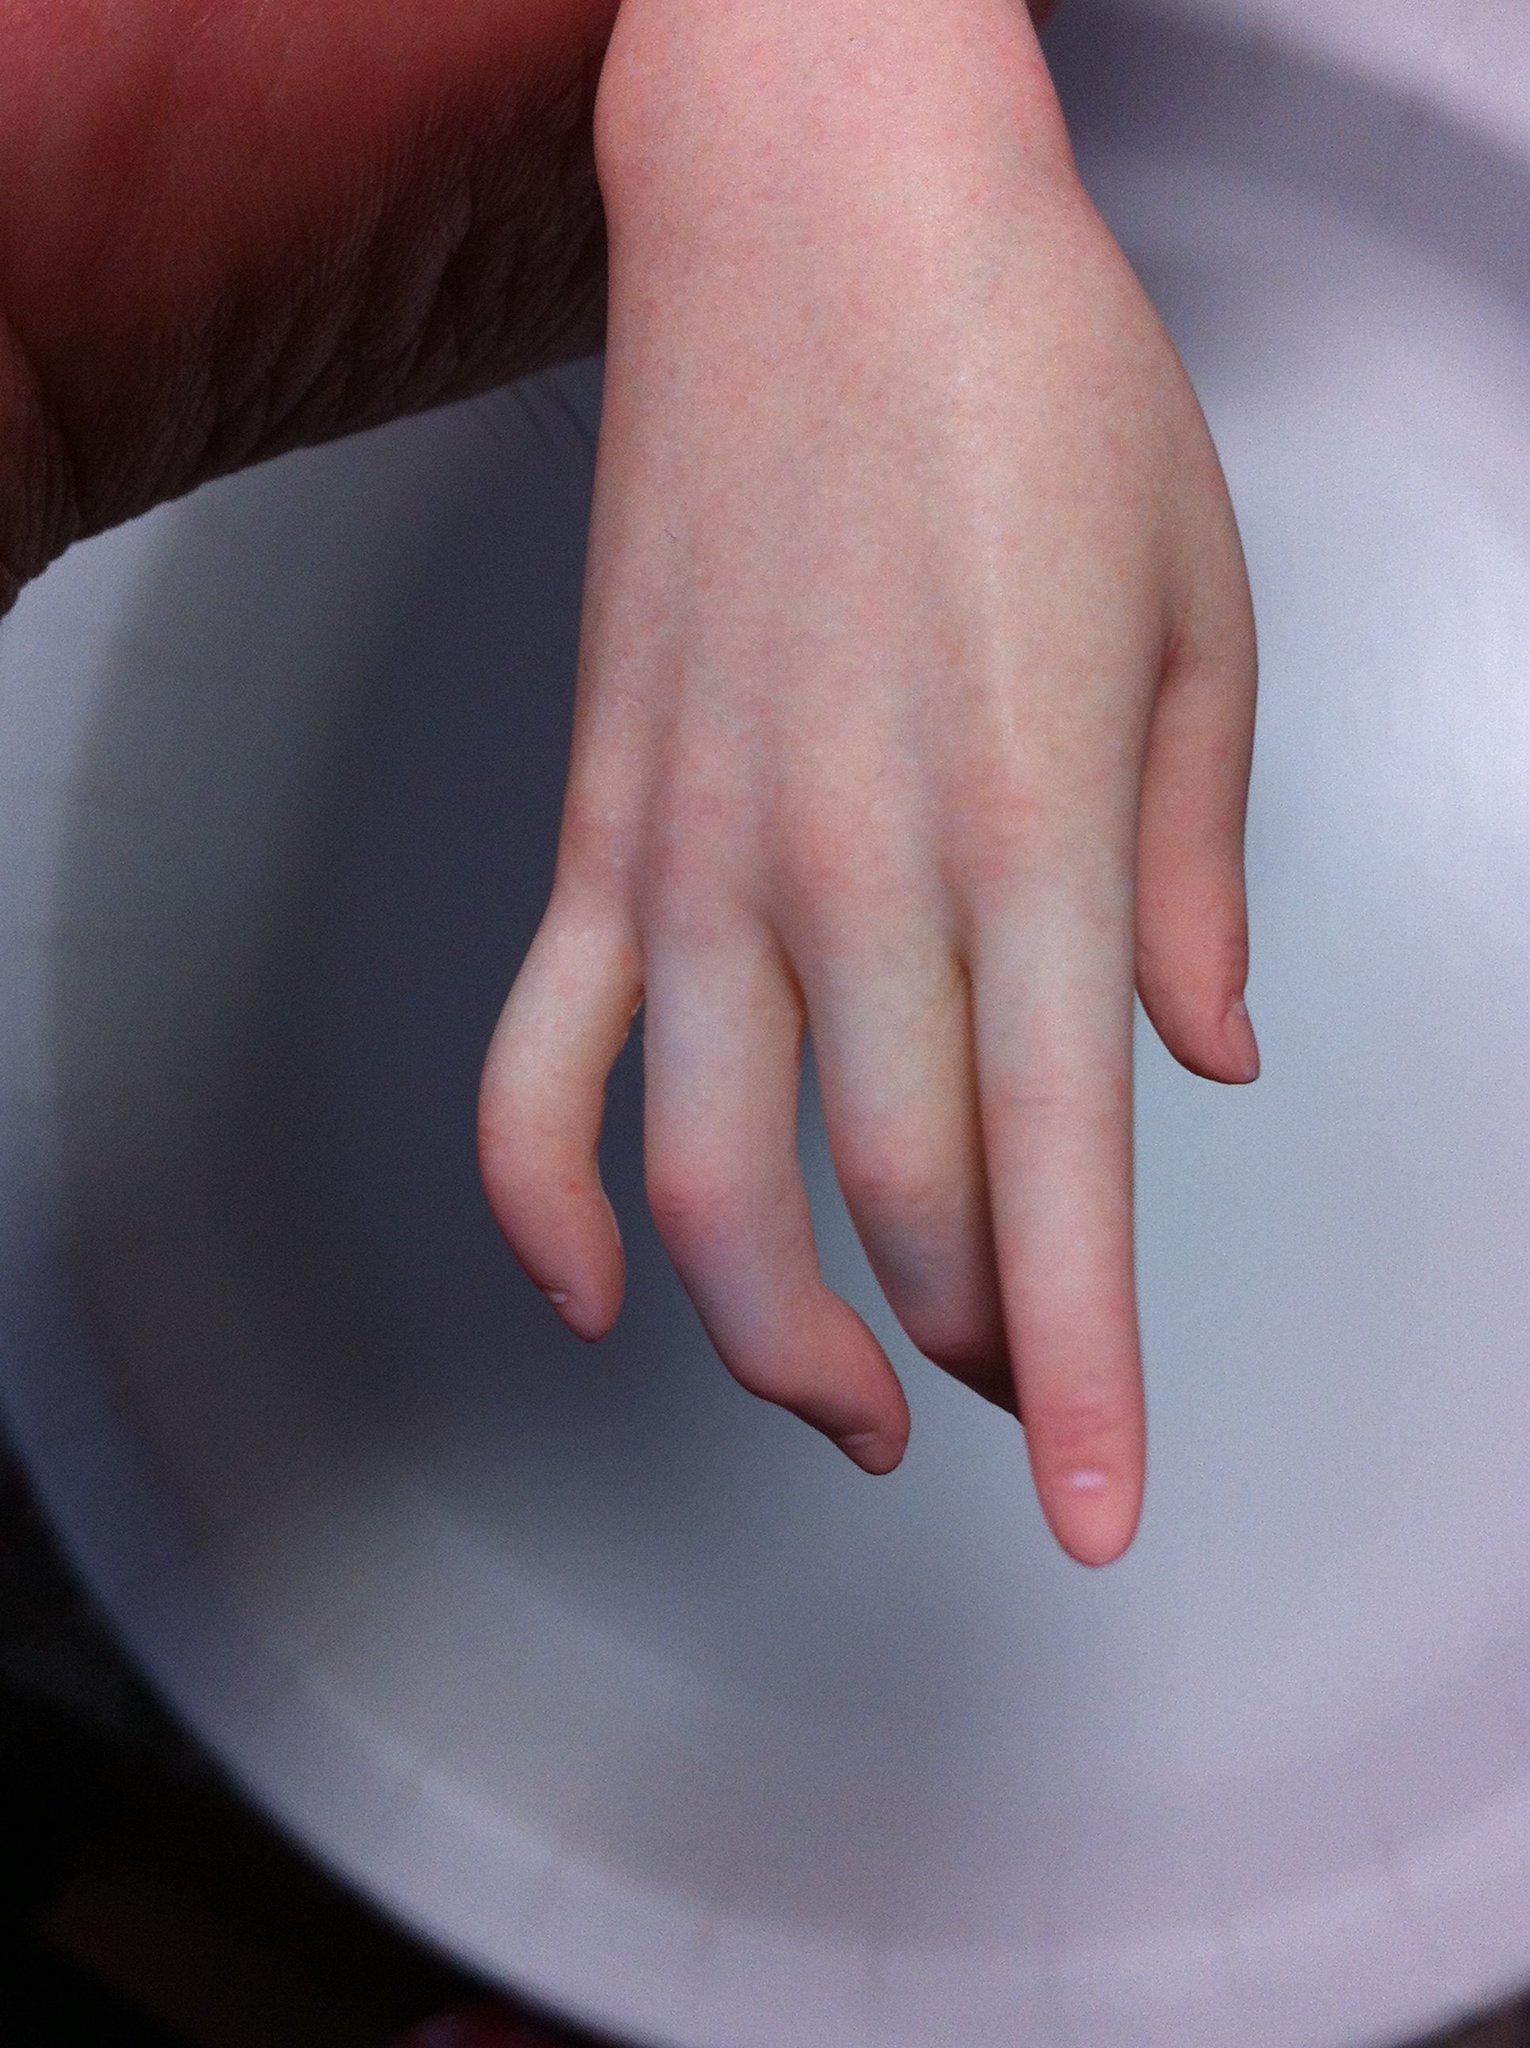 本物にしか見えないプロの絶技w美しい少女の手はフィギュアの手だった!